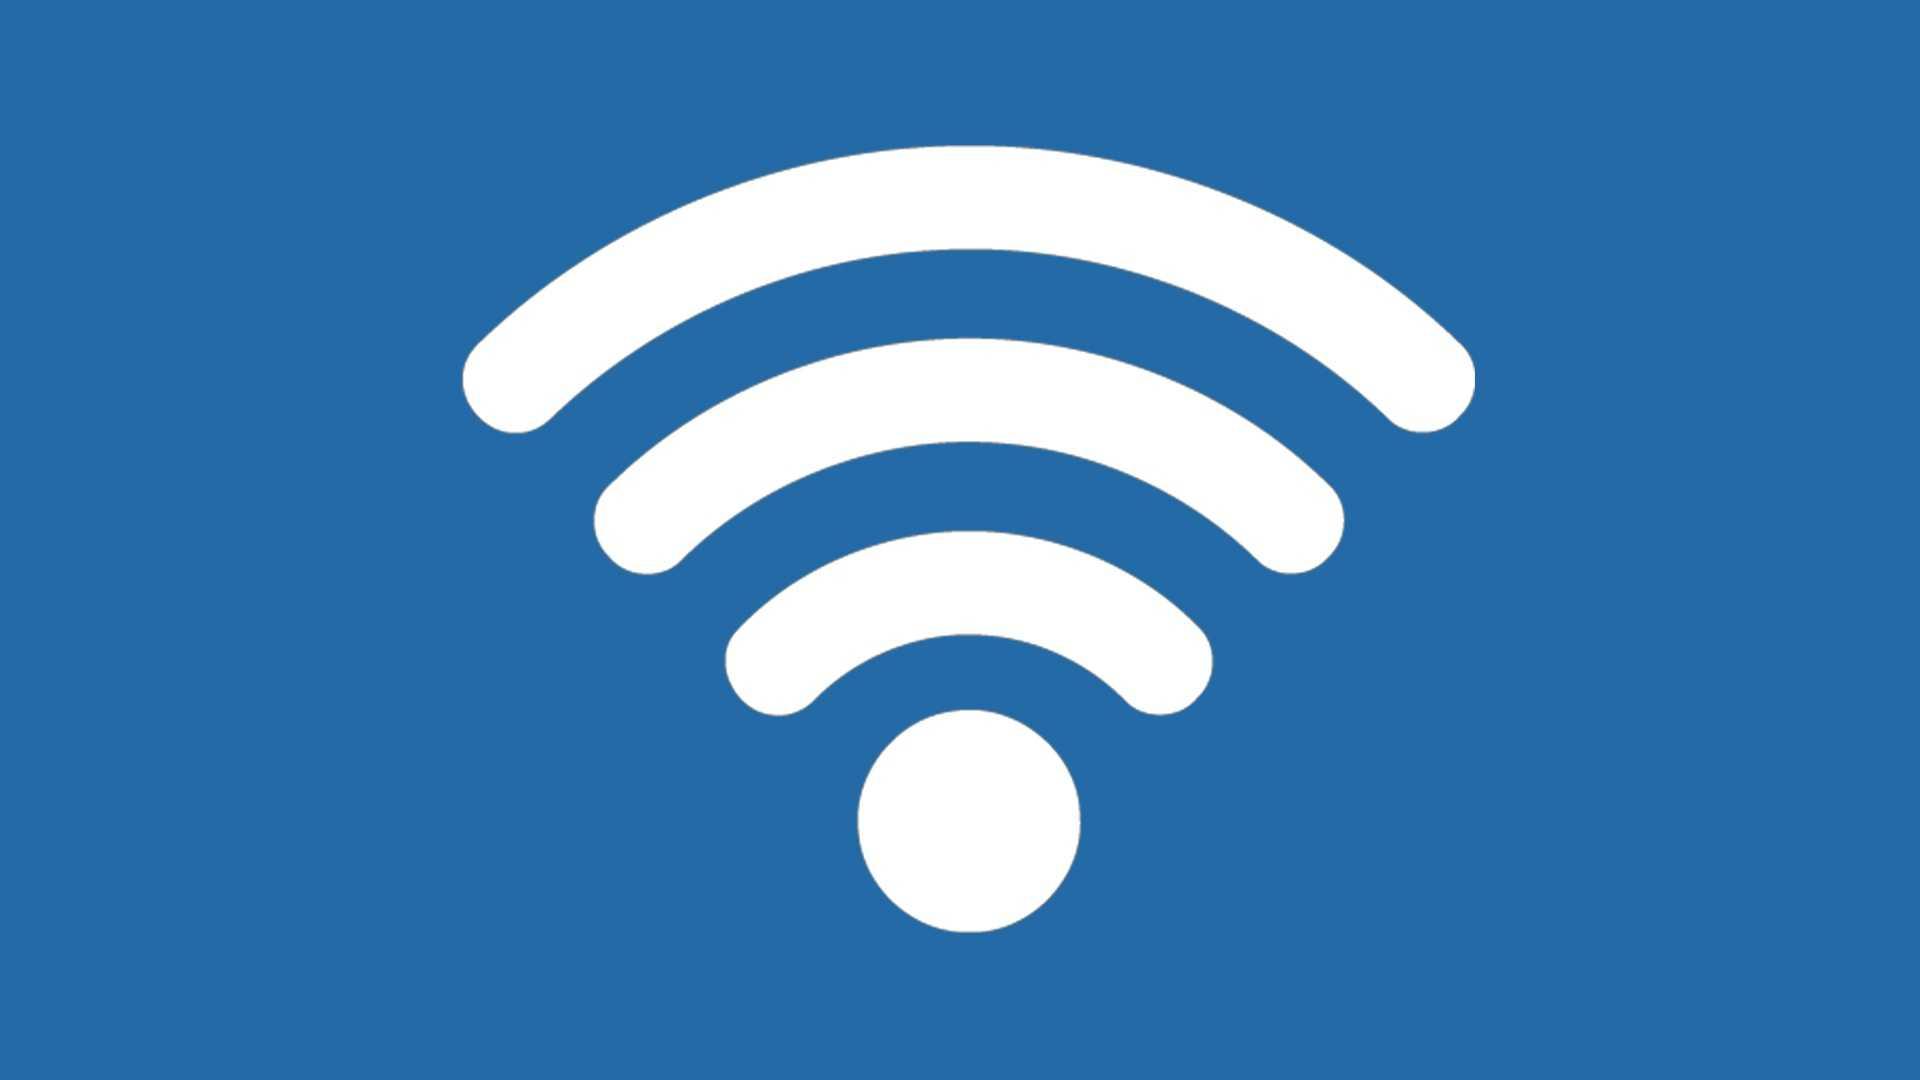 wifi connectie logo design ontwerp teken icoontje